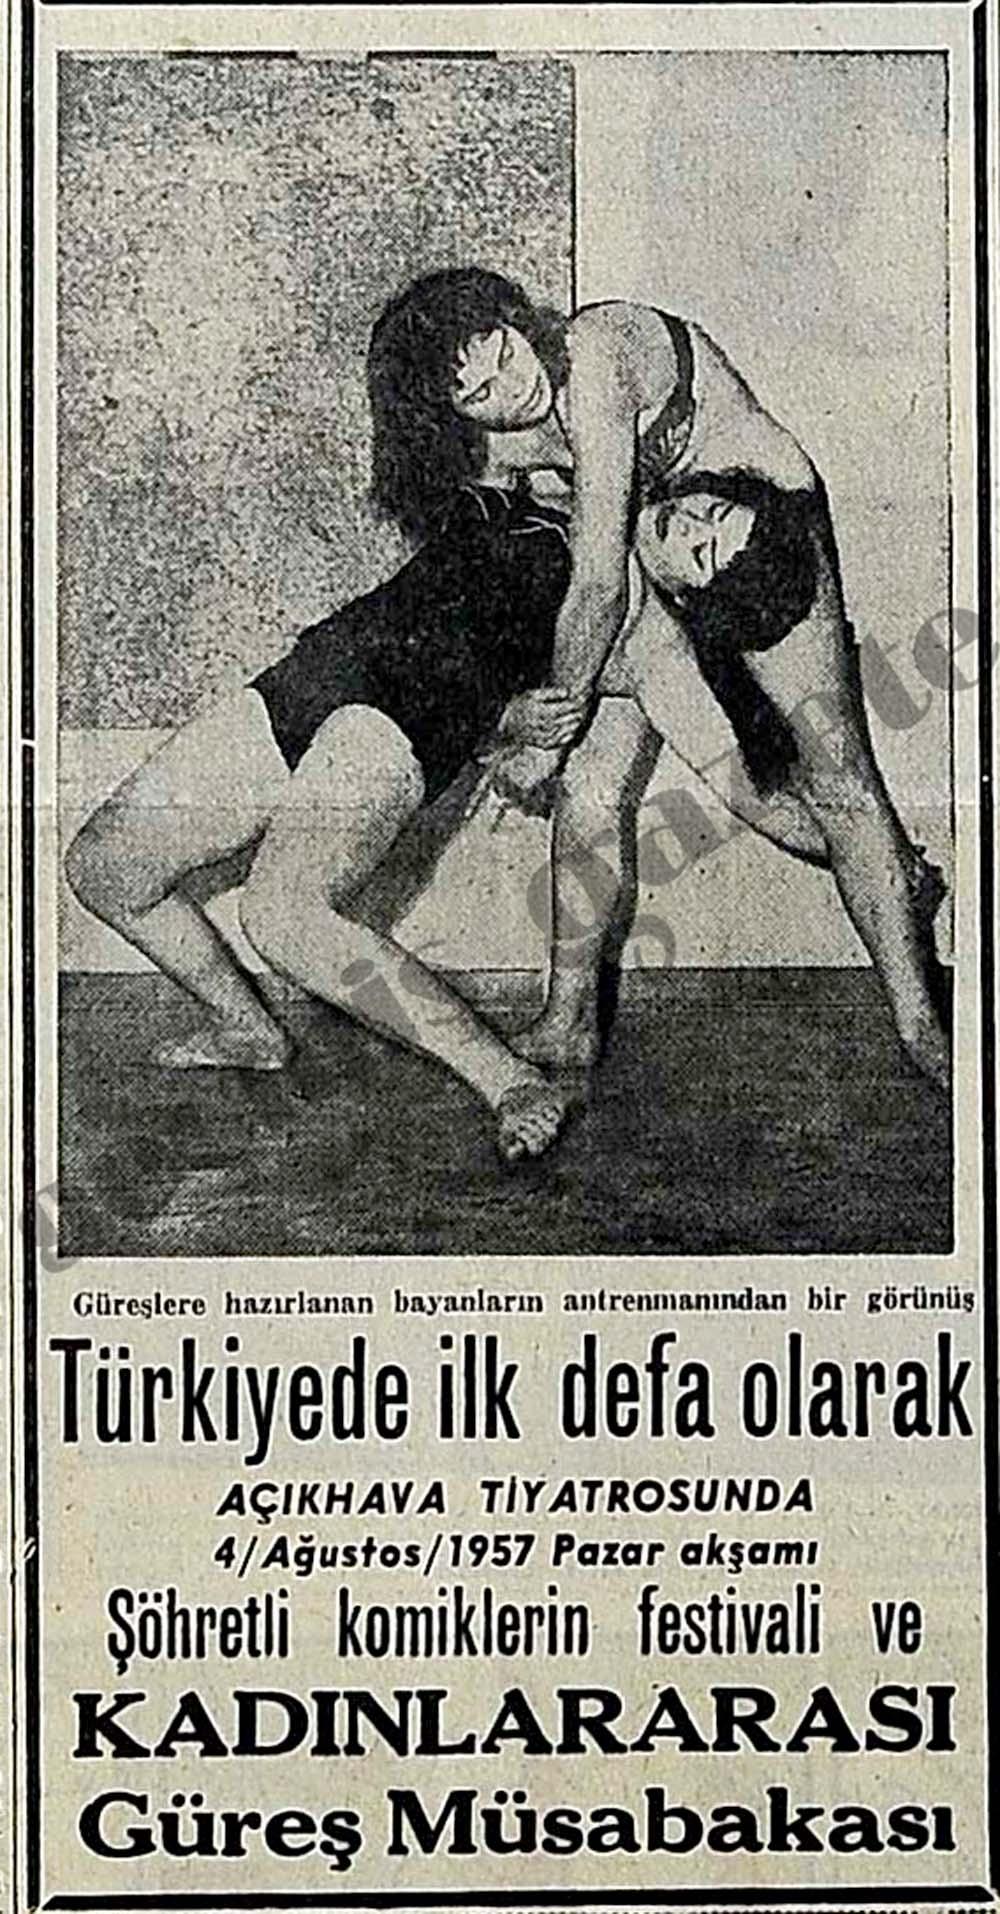 Türkiyede ilk defa olarak Kadınlararası Güreş Müsabakası